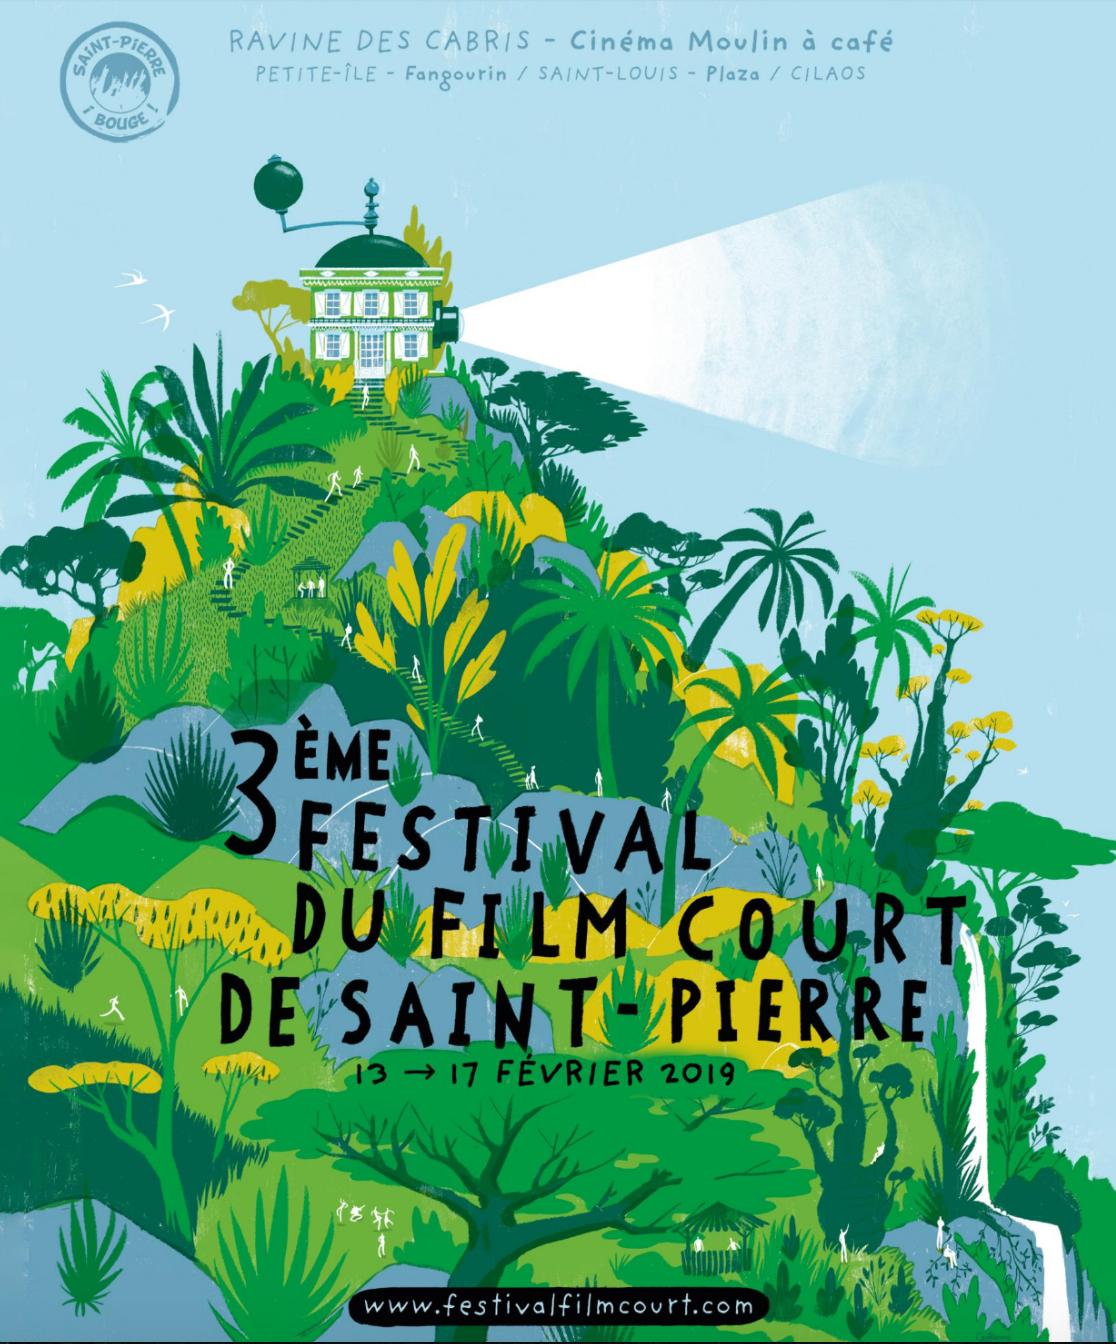 Festival du Film Court à Saint-Pierre: du 13 au 17 février à Saint-Pierre